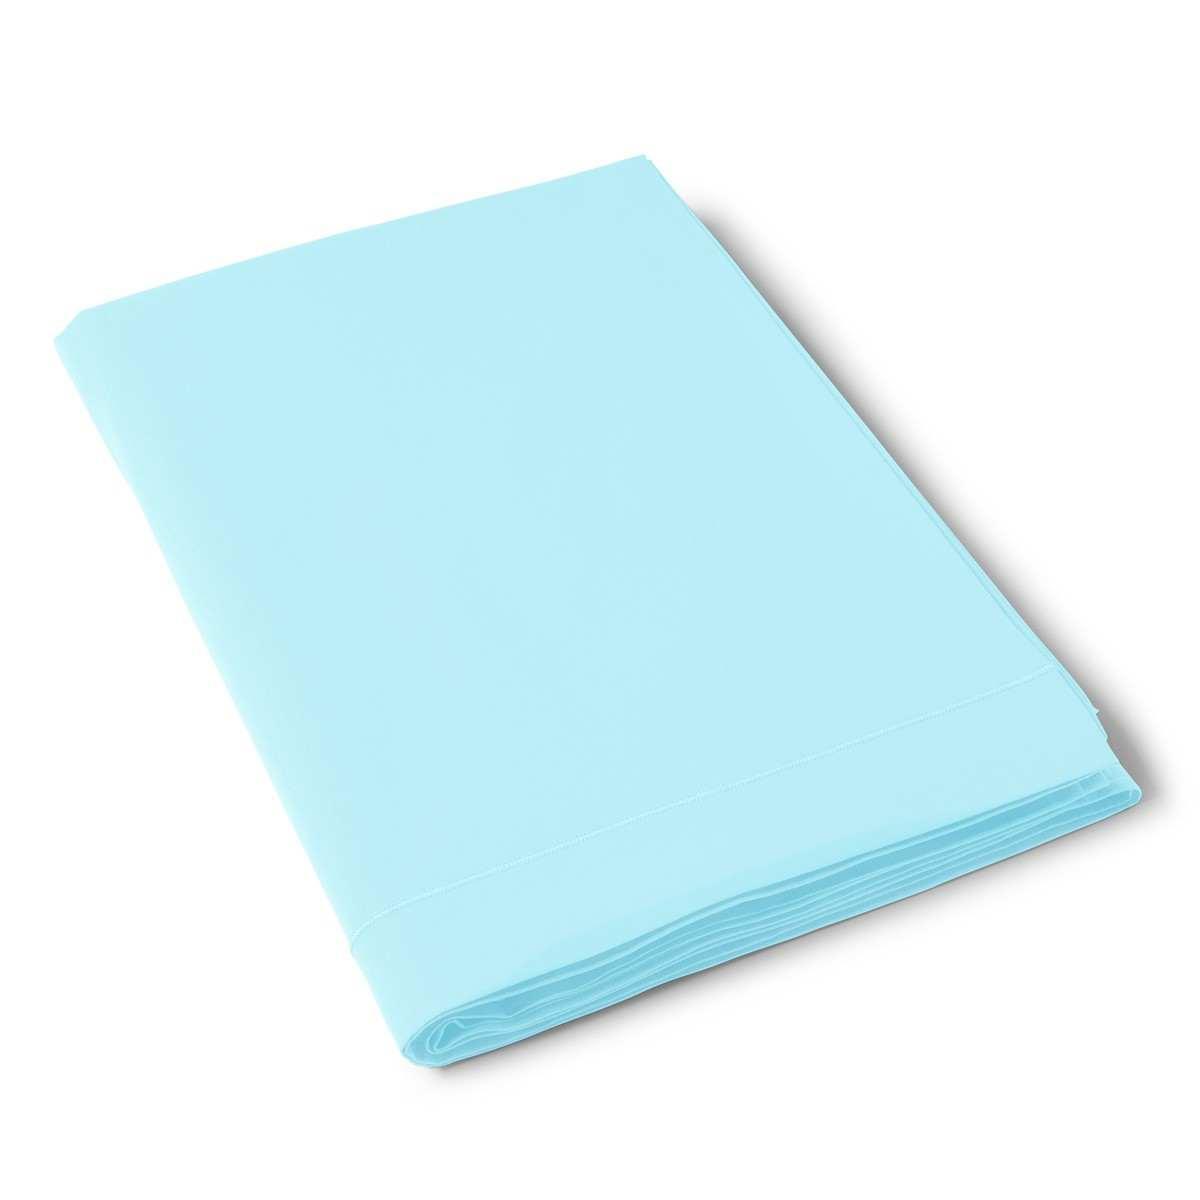 Drap plat uni coton soldes jusqu 39 55 linge de lit - Drap plat enfant ...